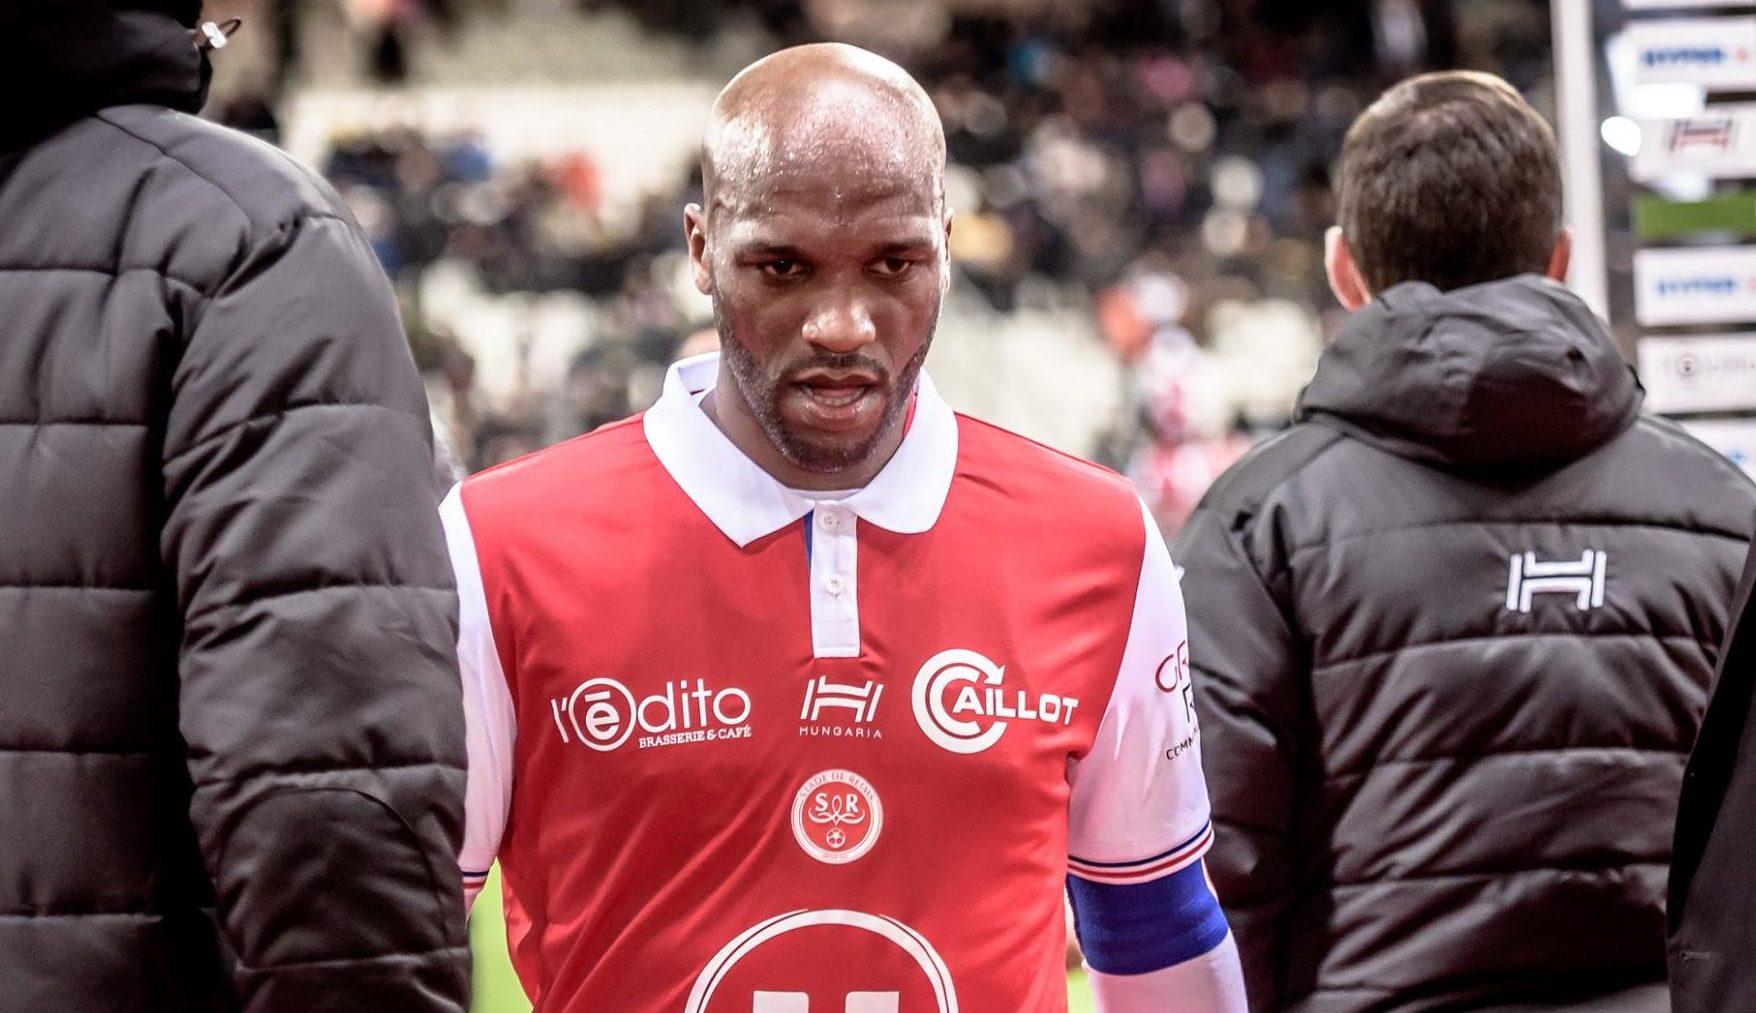 Reims-Orleans 31 ottobre: si gioca per i 16 esimi di finale della Coppa di Lega francese. Locali favoriti, ma non sarà facile.